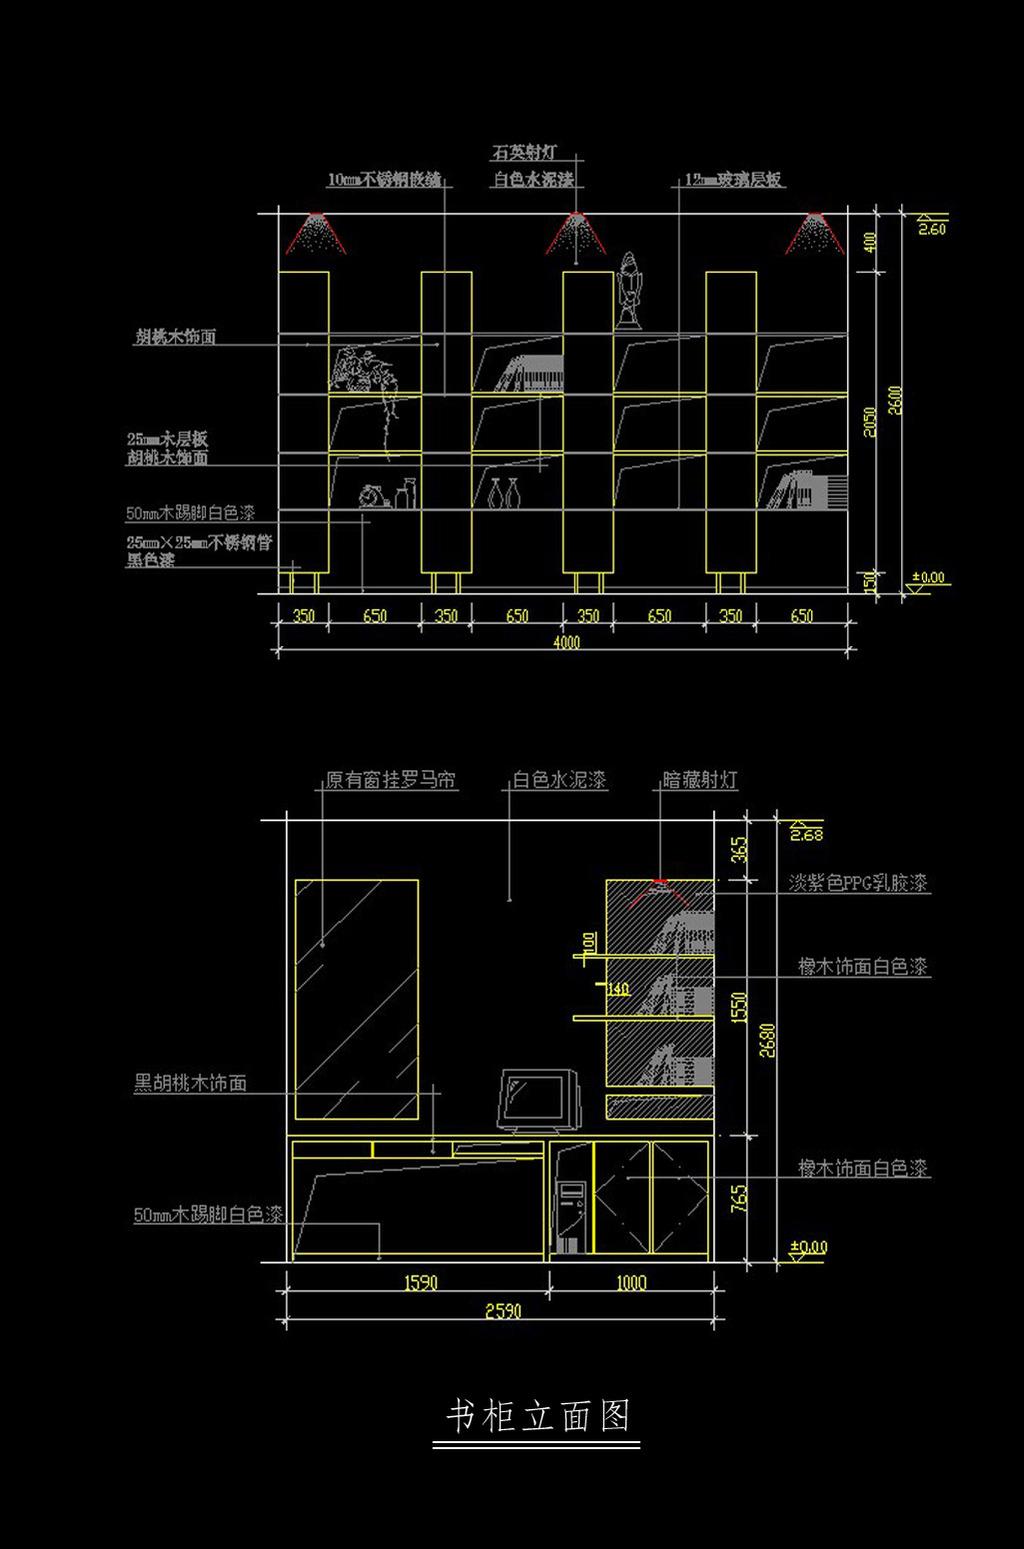 自建房设计图cad图纸展示